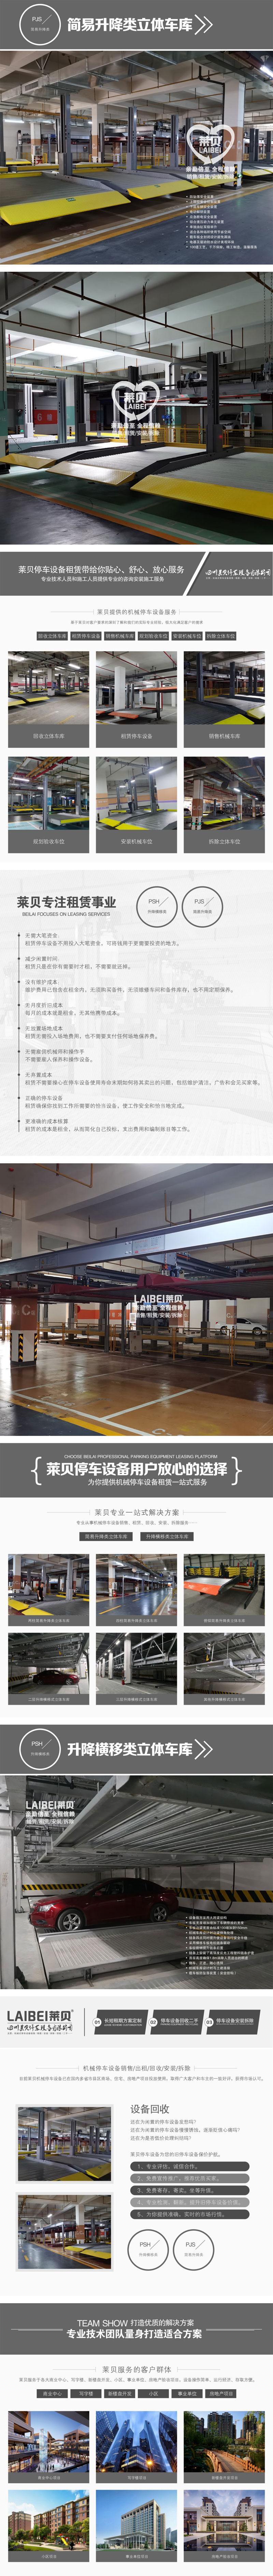 元江停车设备租赁垂直升降式机械式立体停车设备过规划莱贝立体车